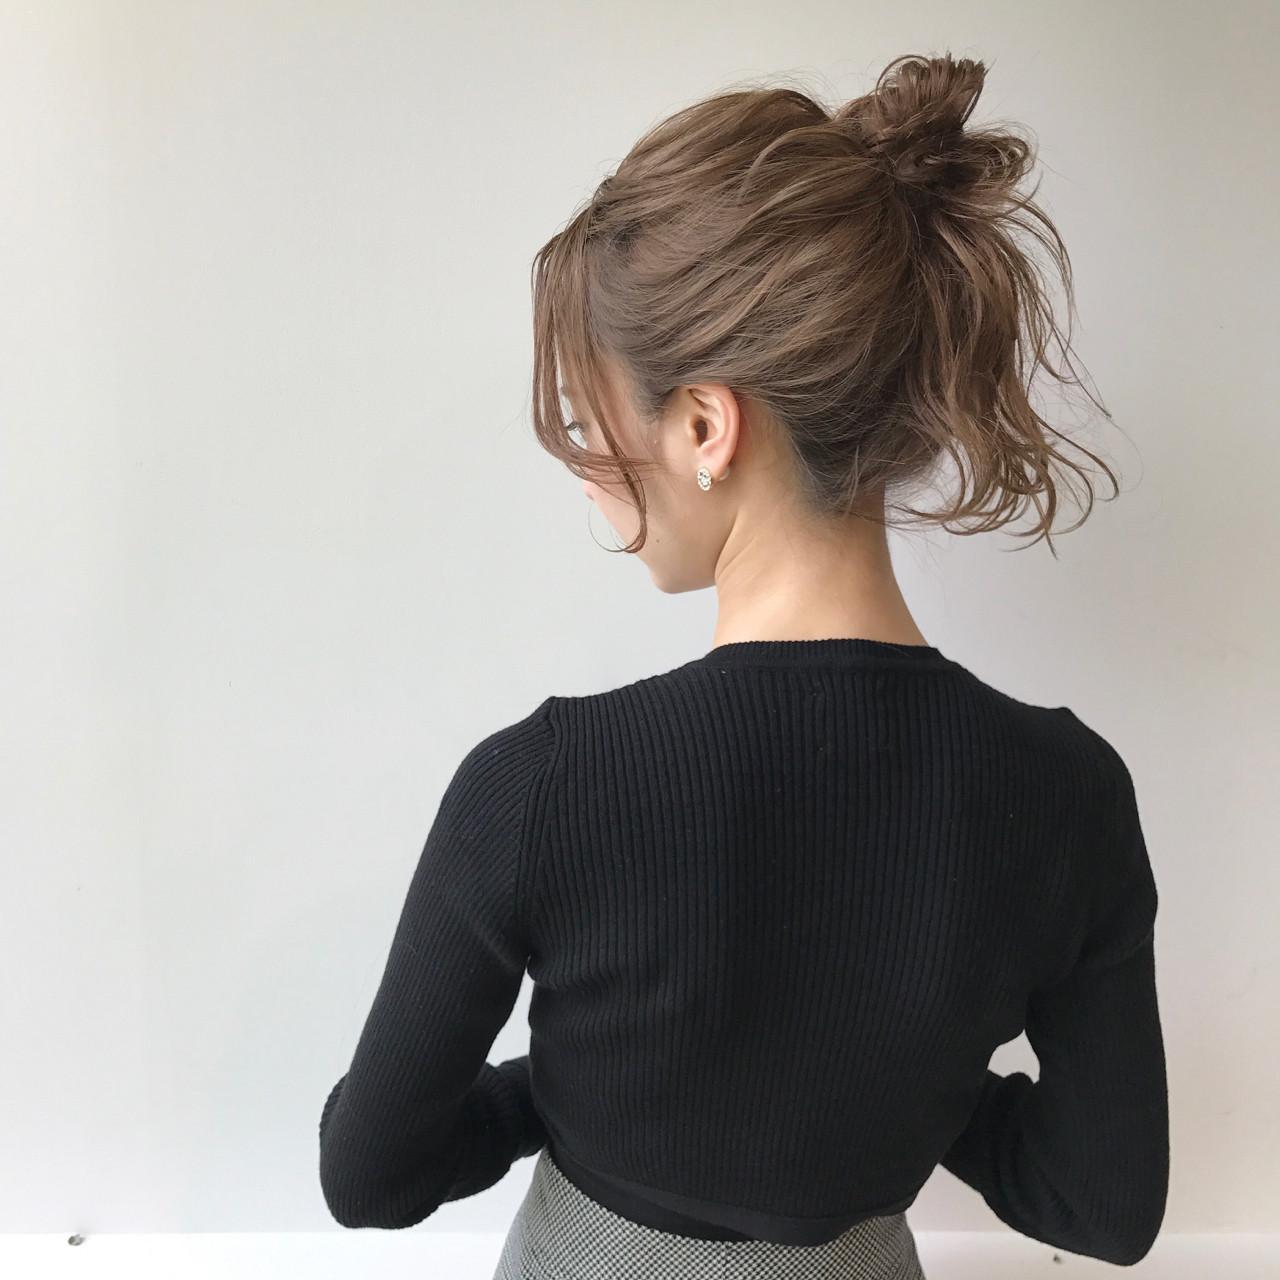 ミルクティー ナチュラル 簡単ヘアアレンジ ショート ヘアスタイルや髪型の写真・画像